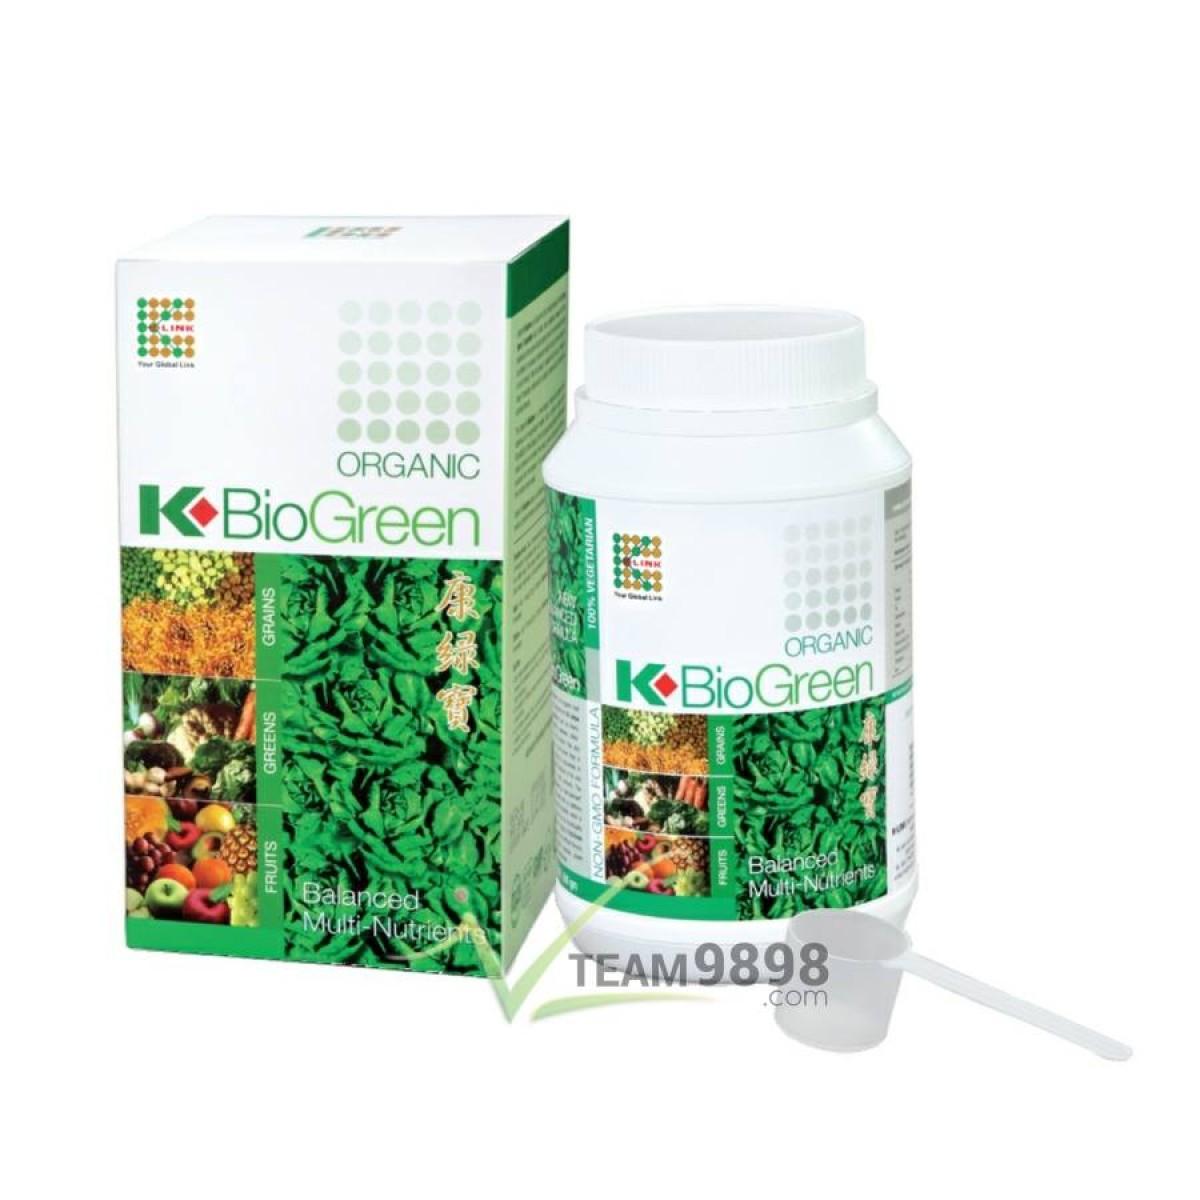 K-BioGreen Organic (500 grams)